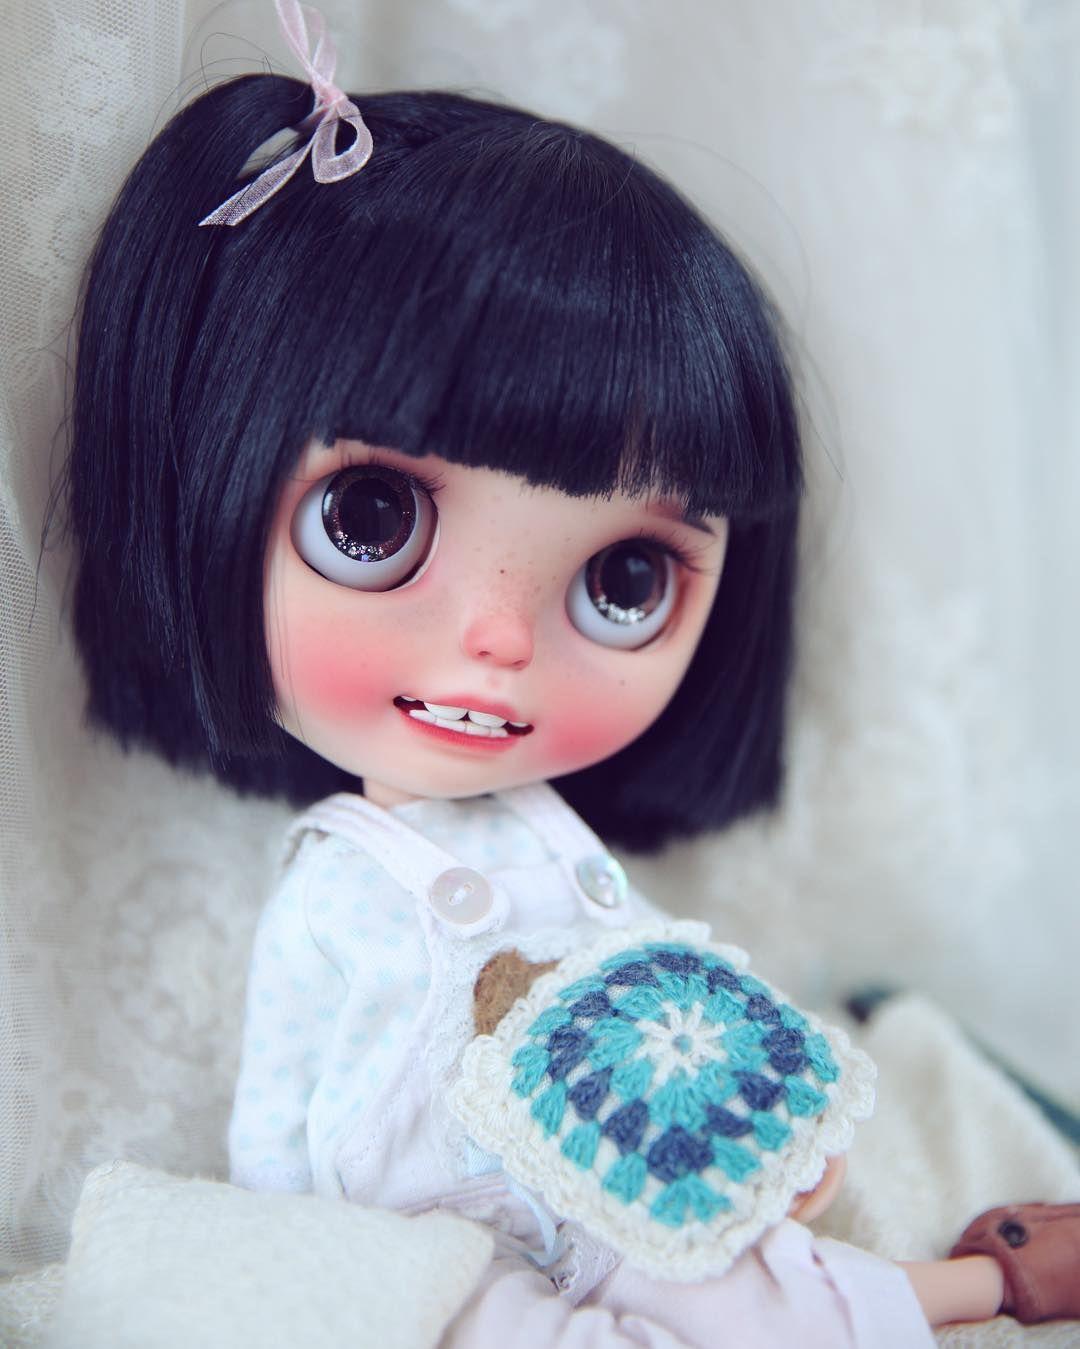 #blythe #dolly #customblythe #wanwan #wanwandoll #teethy#doll